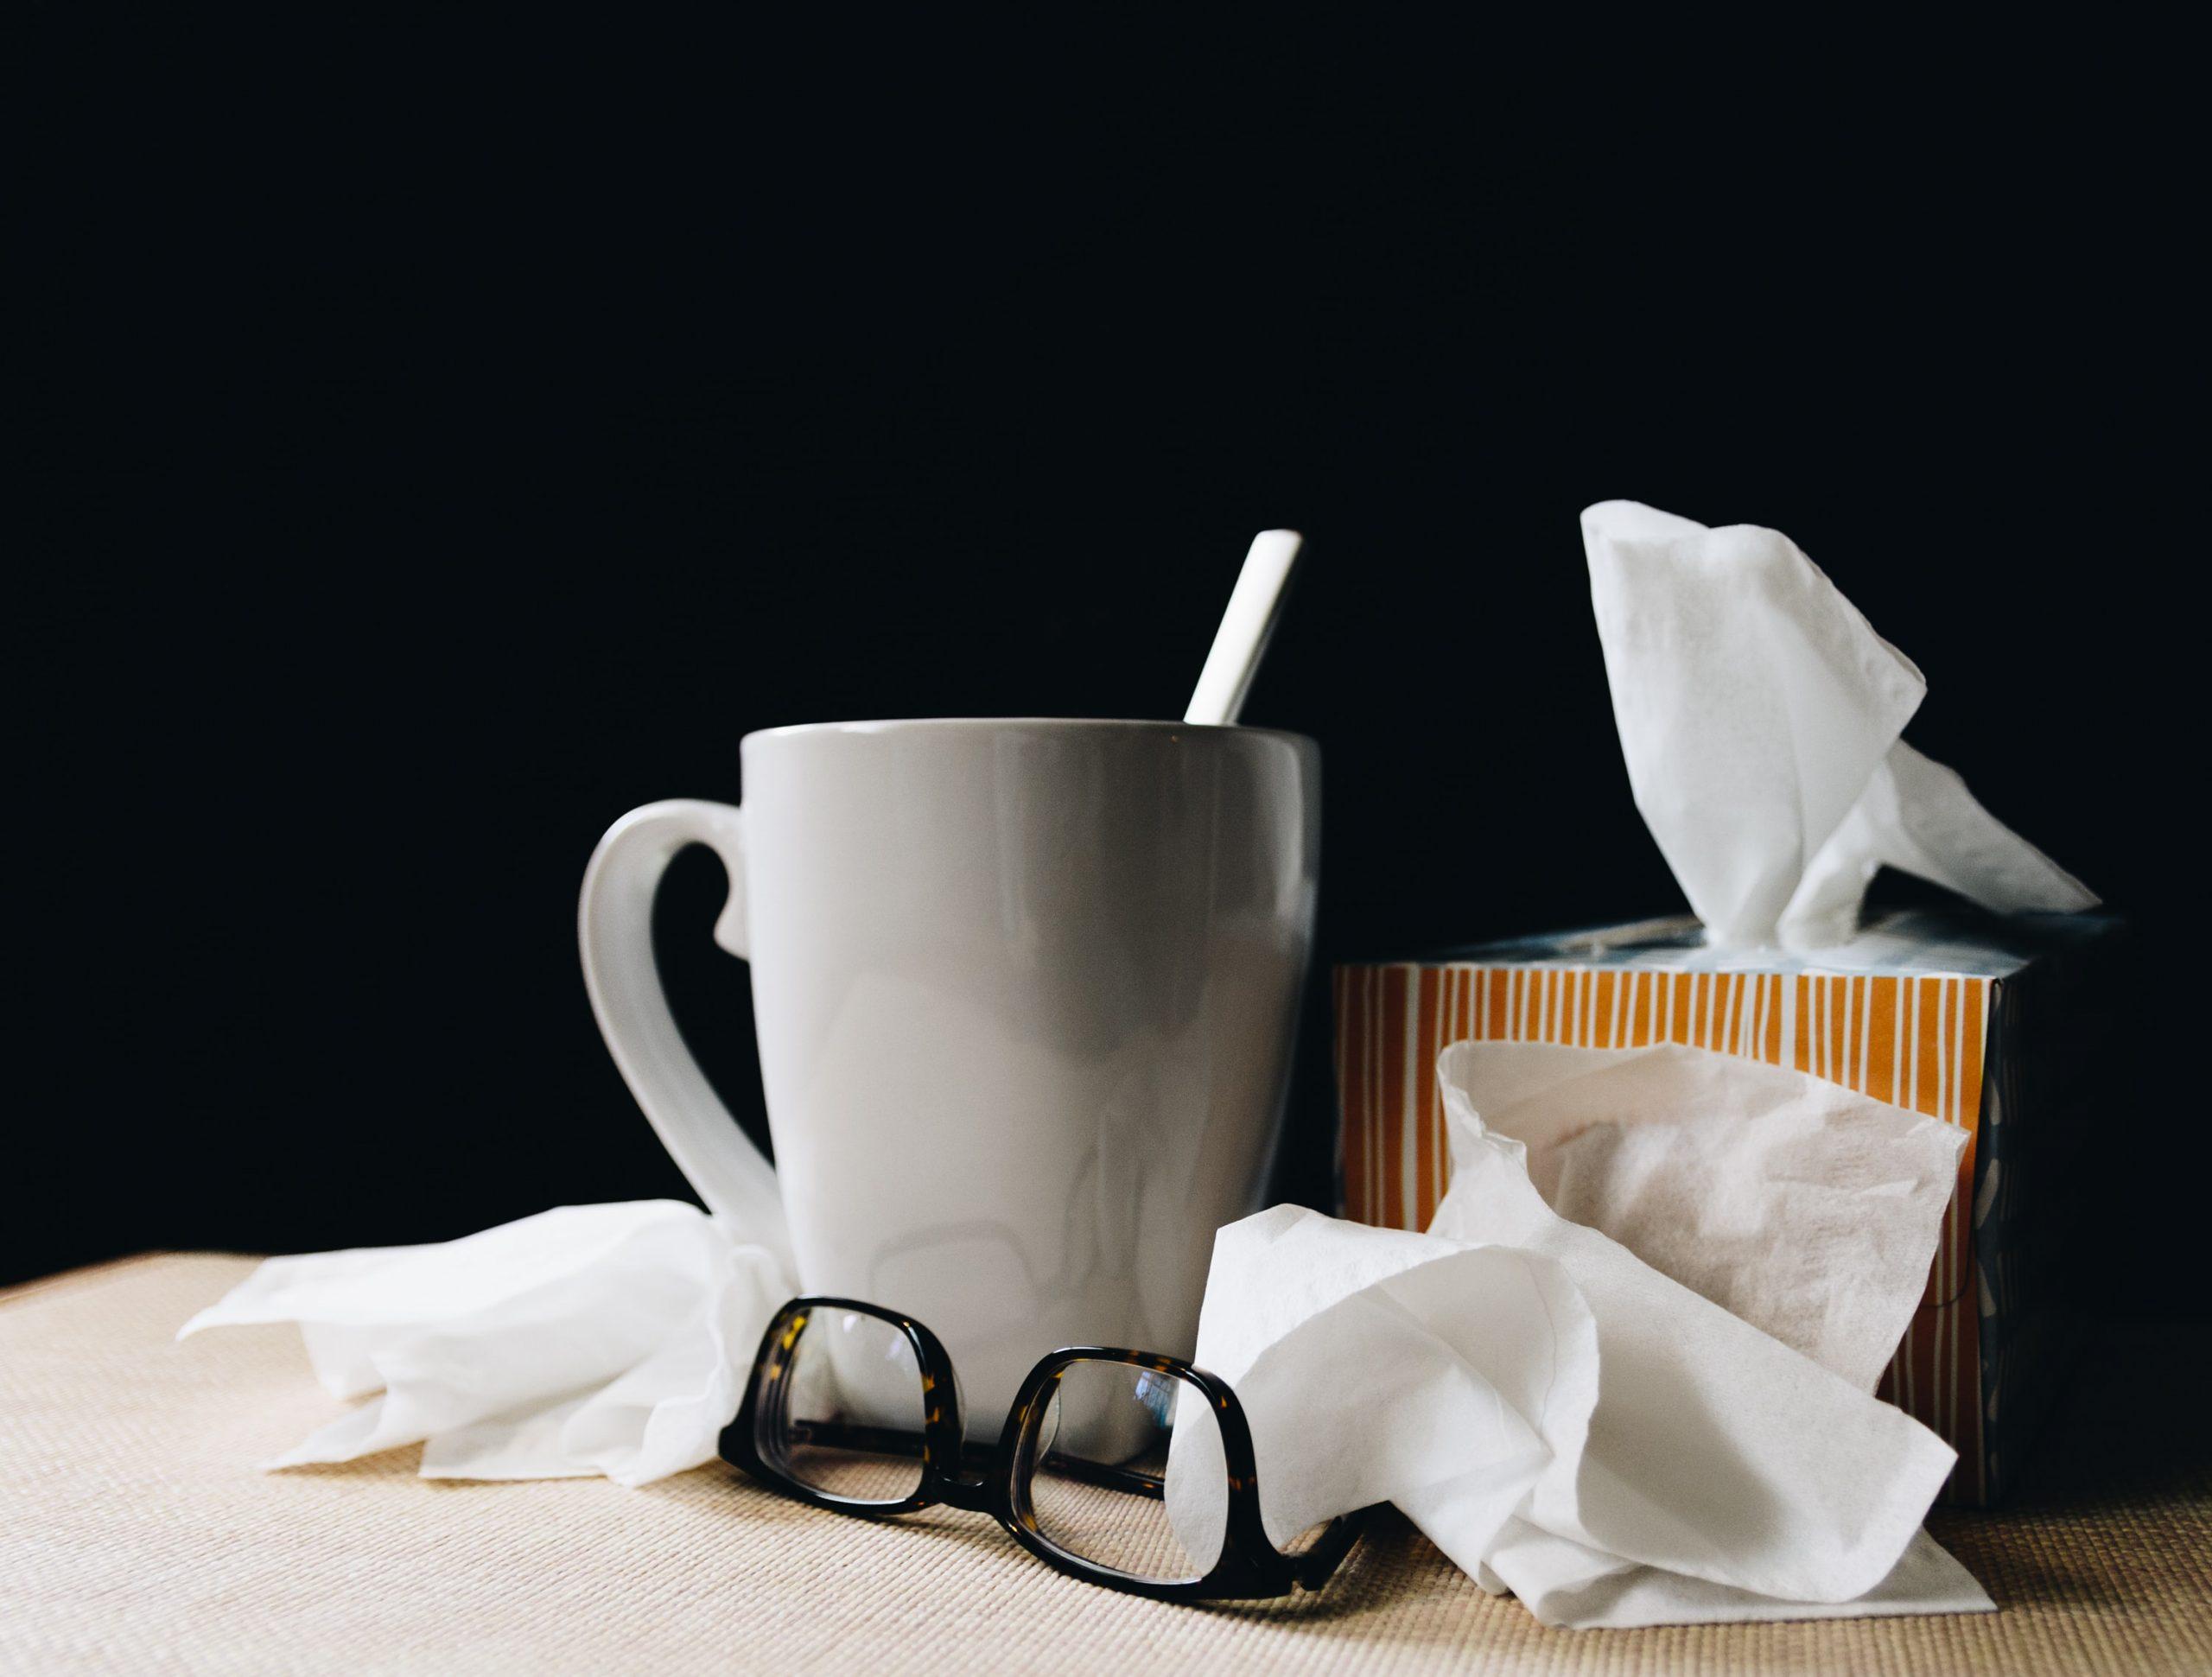 Zasiłek chorobowy z ZUS w deklaracji rocznej – jak to rozliczyć?